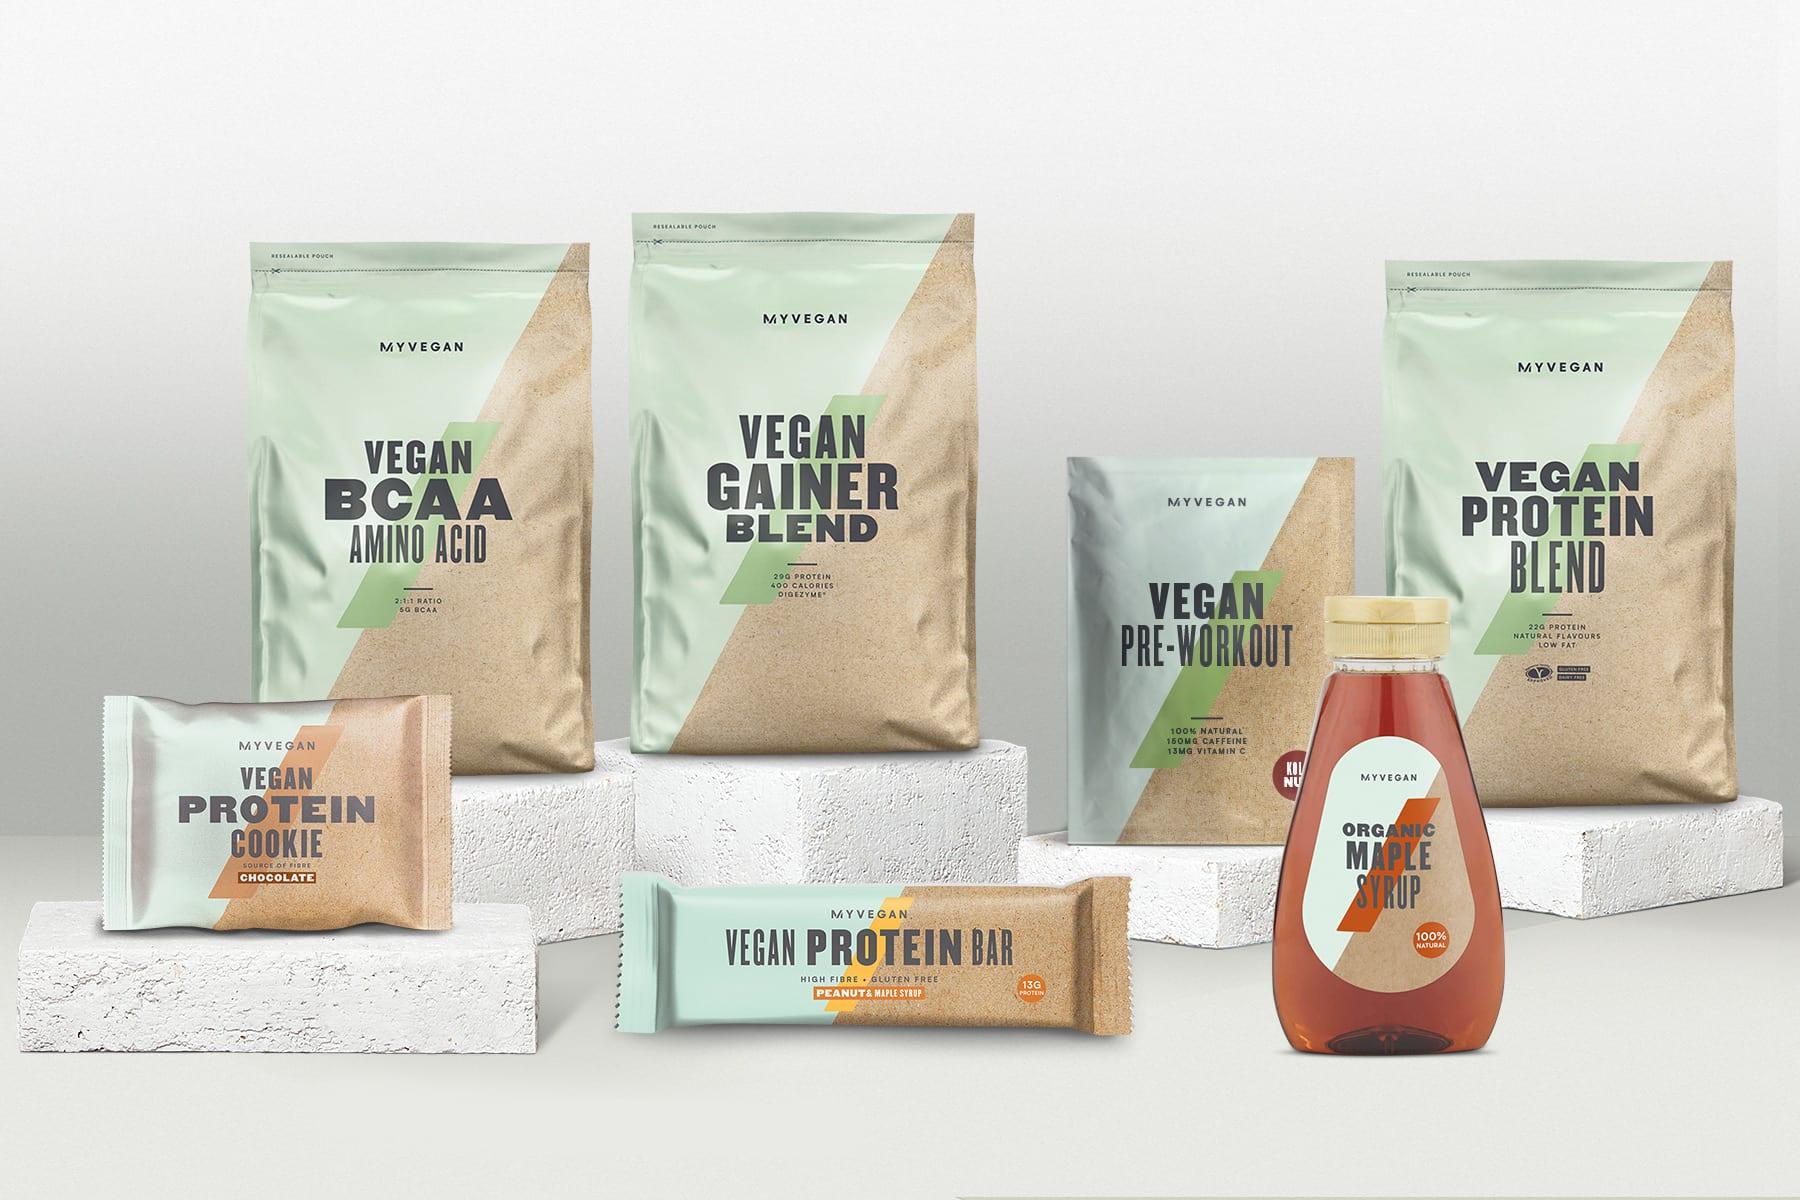 Kiinnostaako vegaaniruokavalio? Tutustu uuteen Myvegan‐tuotevalikoimaan